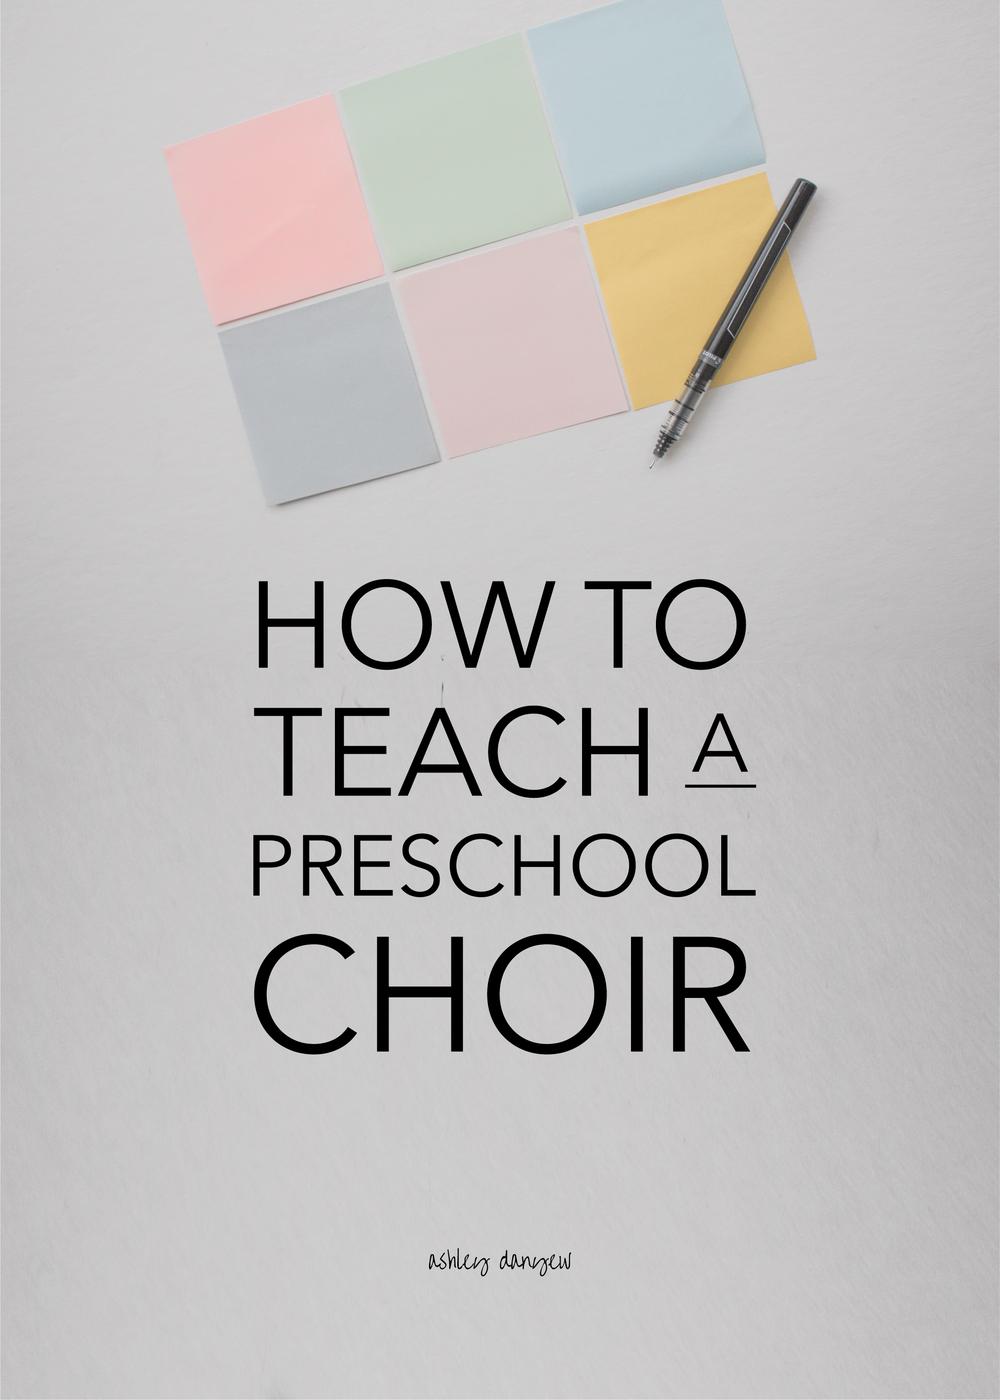 How to Teach a Preschool Choir